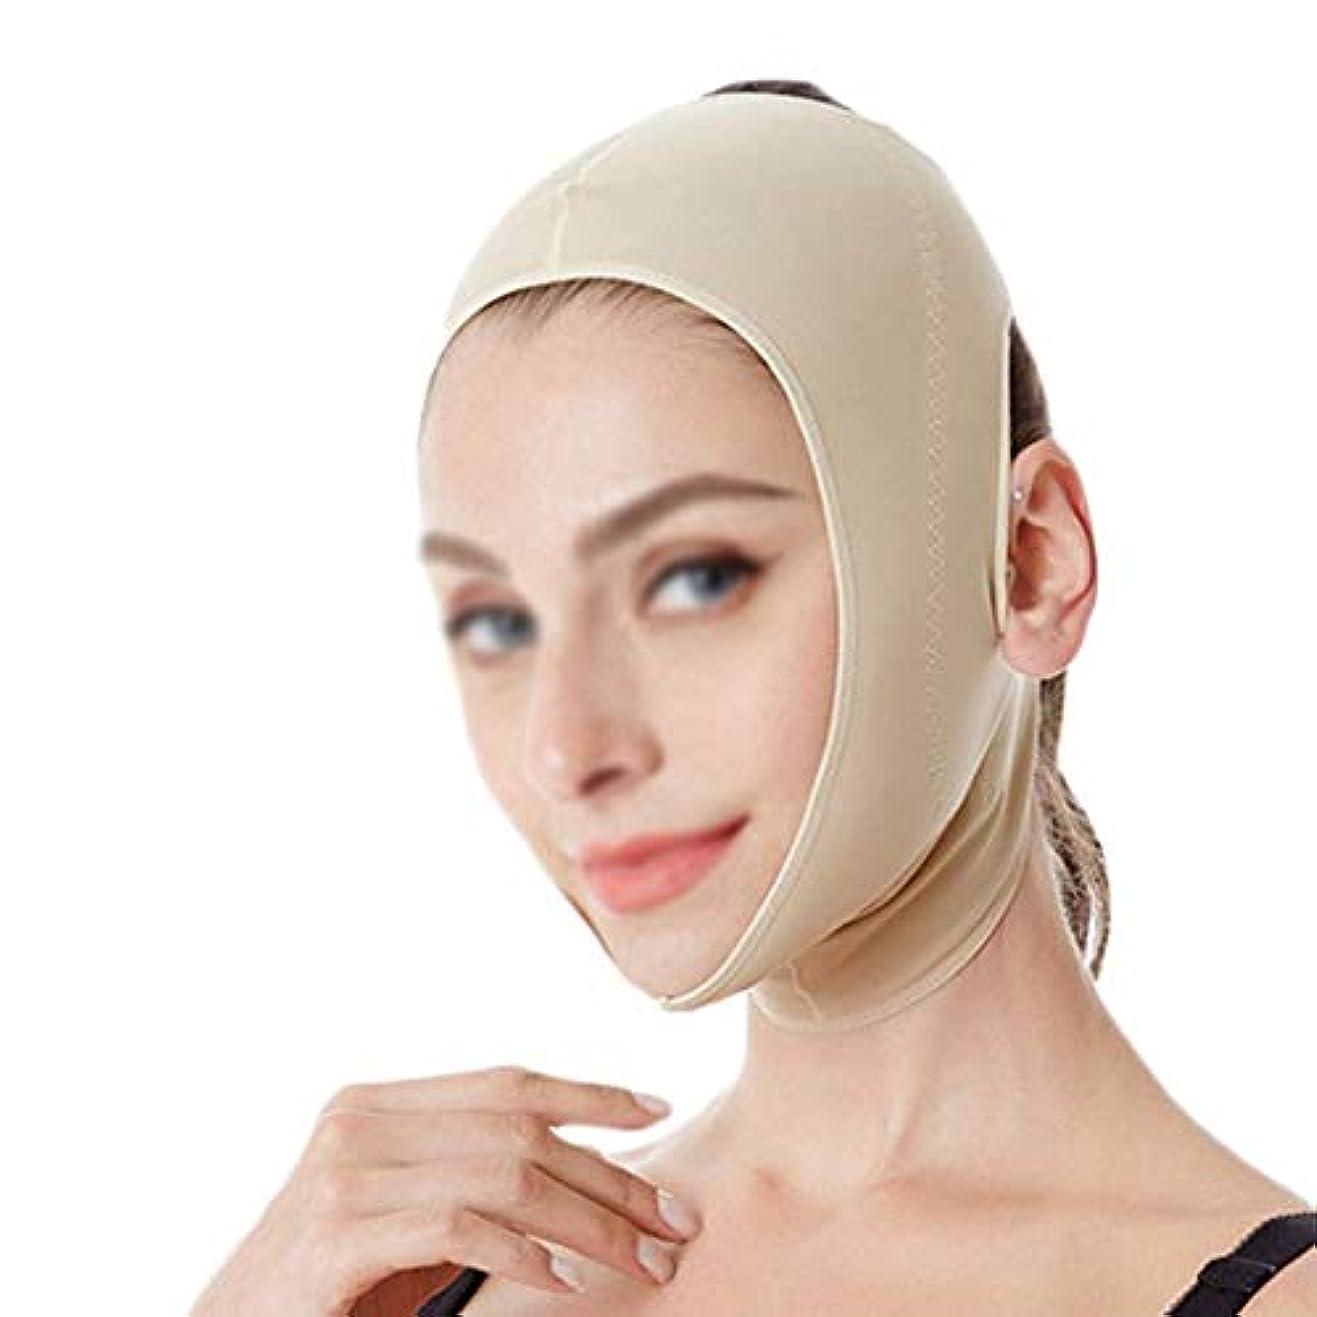 望ましい変成器乳白フェイシャルリフト、Decreeダブルチン、フェイスマスク、包帯、フェイスカービングツール(フリーサイズ)